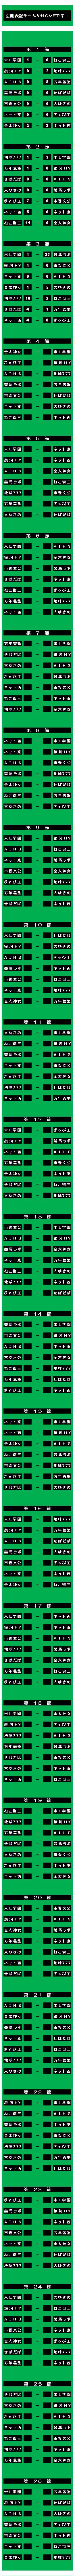 20150802・ダルマンリーグ第3節後半終了対戦相手組み合わせ表.jpg